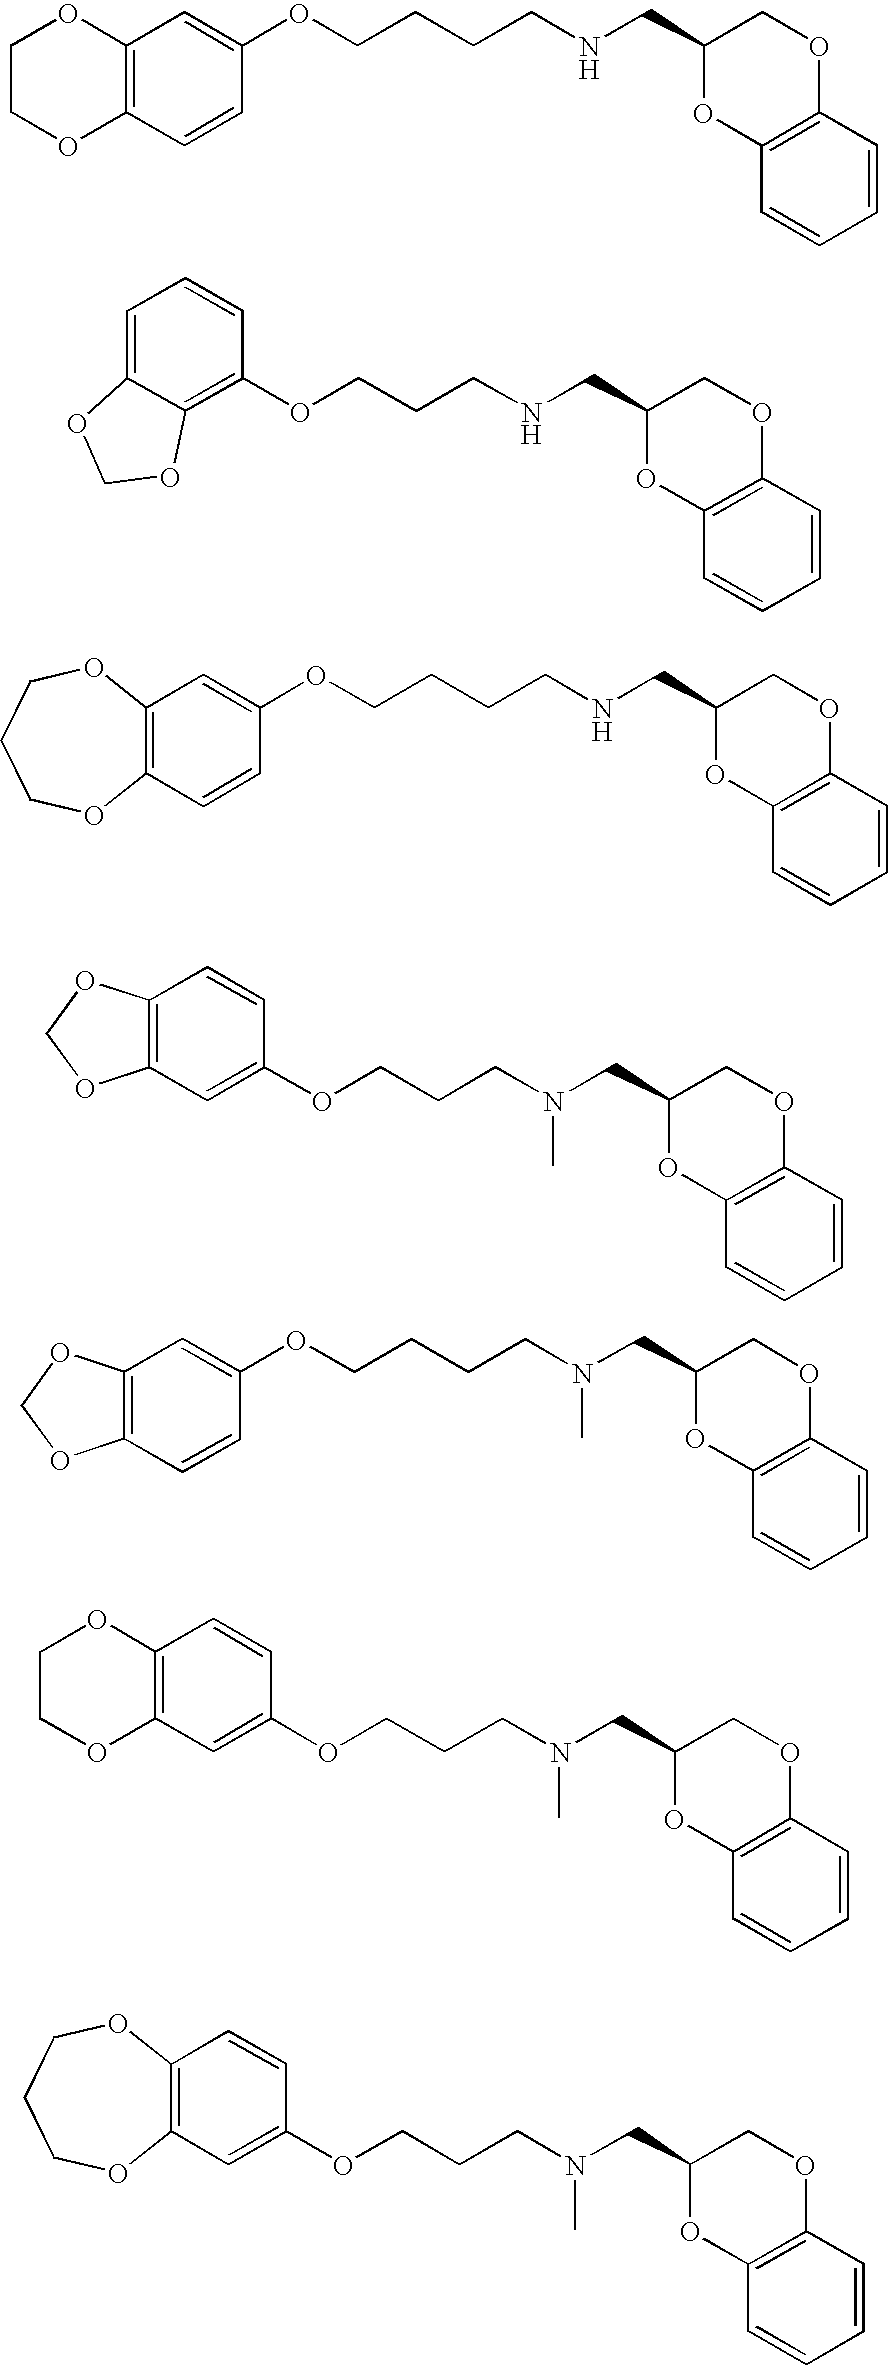 Figure US20100009983A1-20100114-C00260